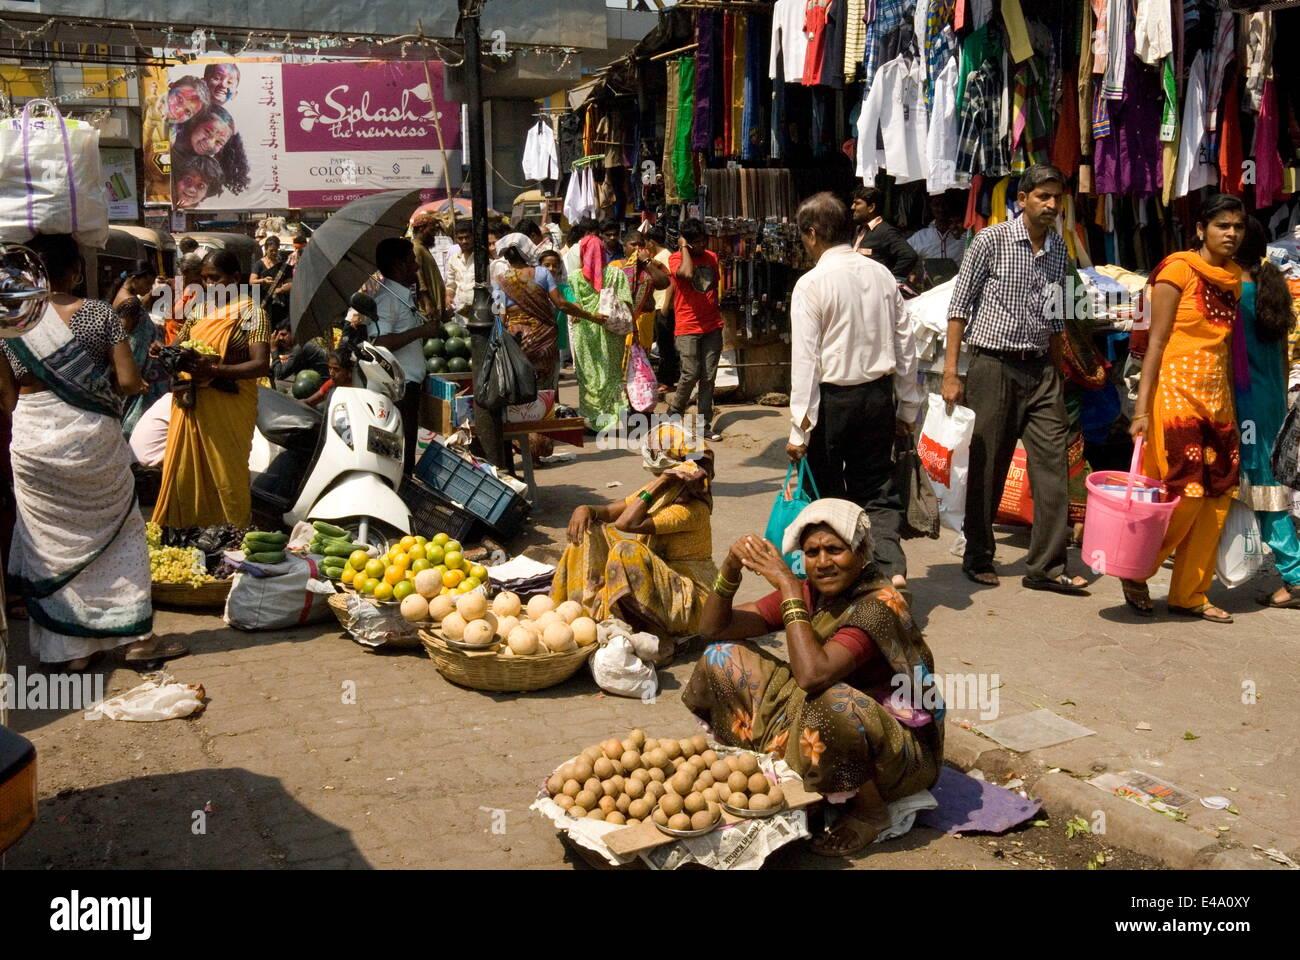 Mercado callejero en Kalyan, ciudad dormitorio de Mumbai, India, Asia Imagen De Stock